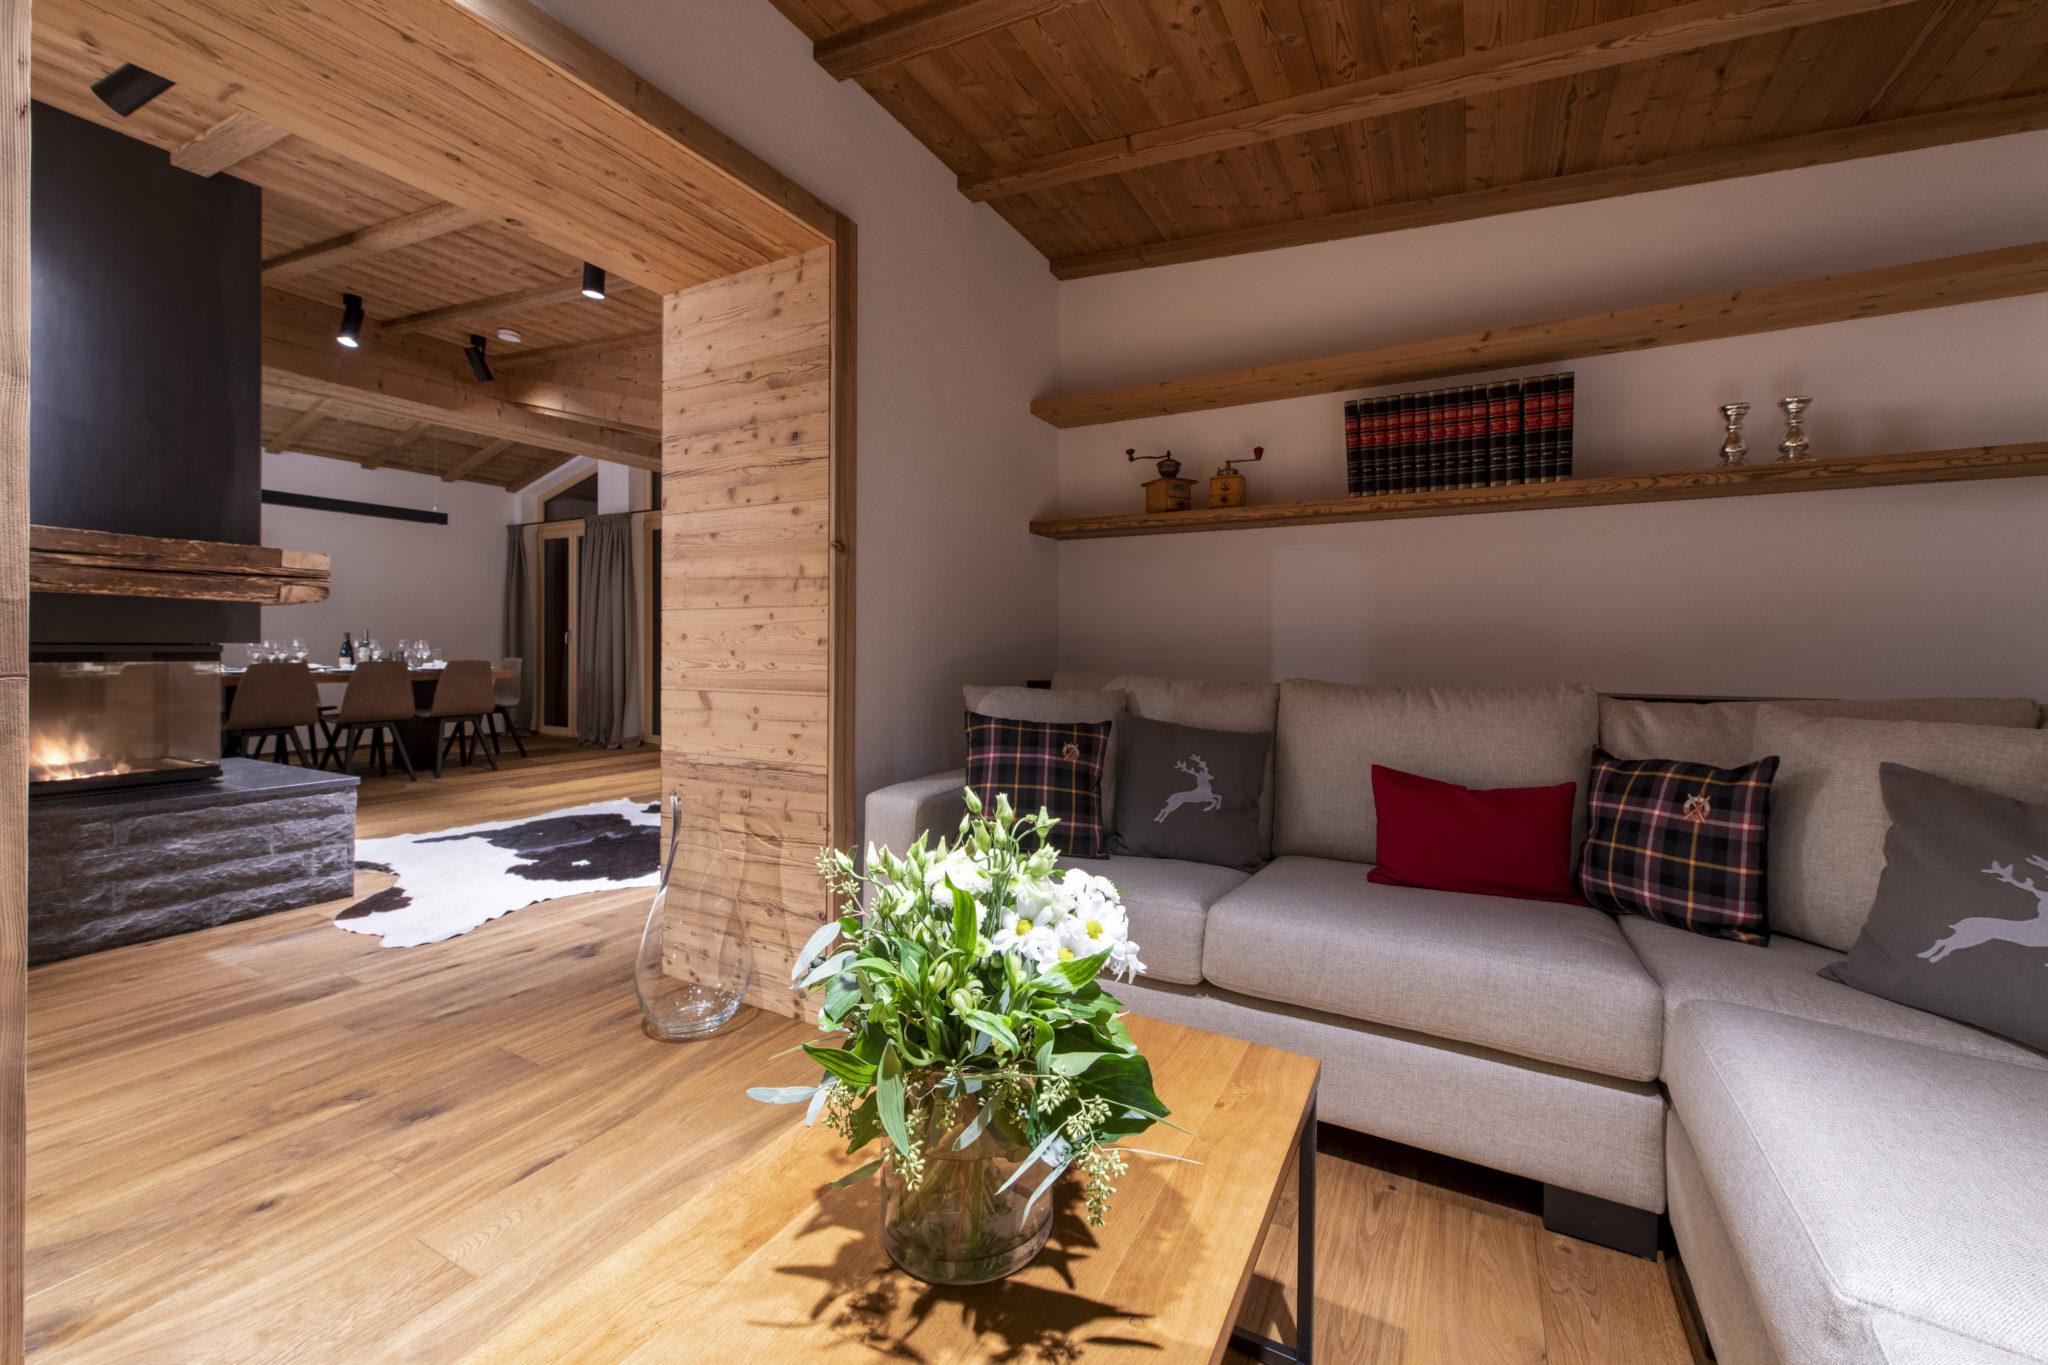 bhlhof-penthouse-11387-scaled